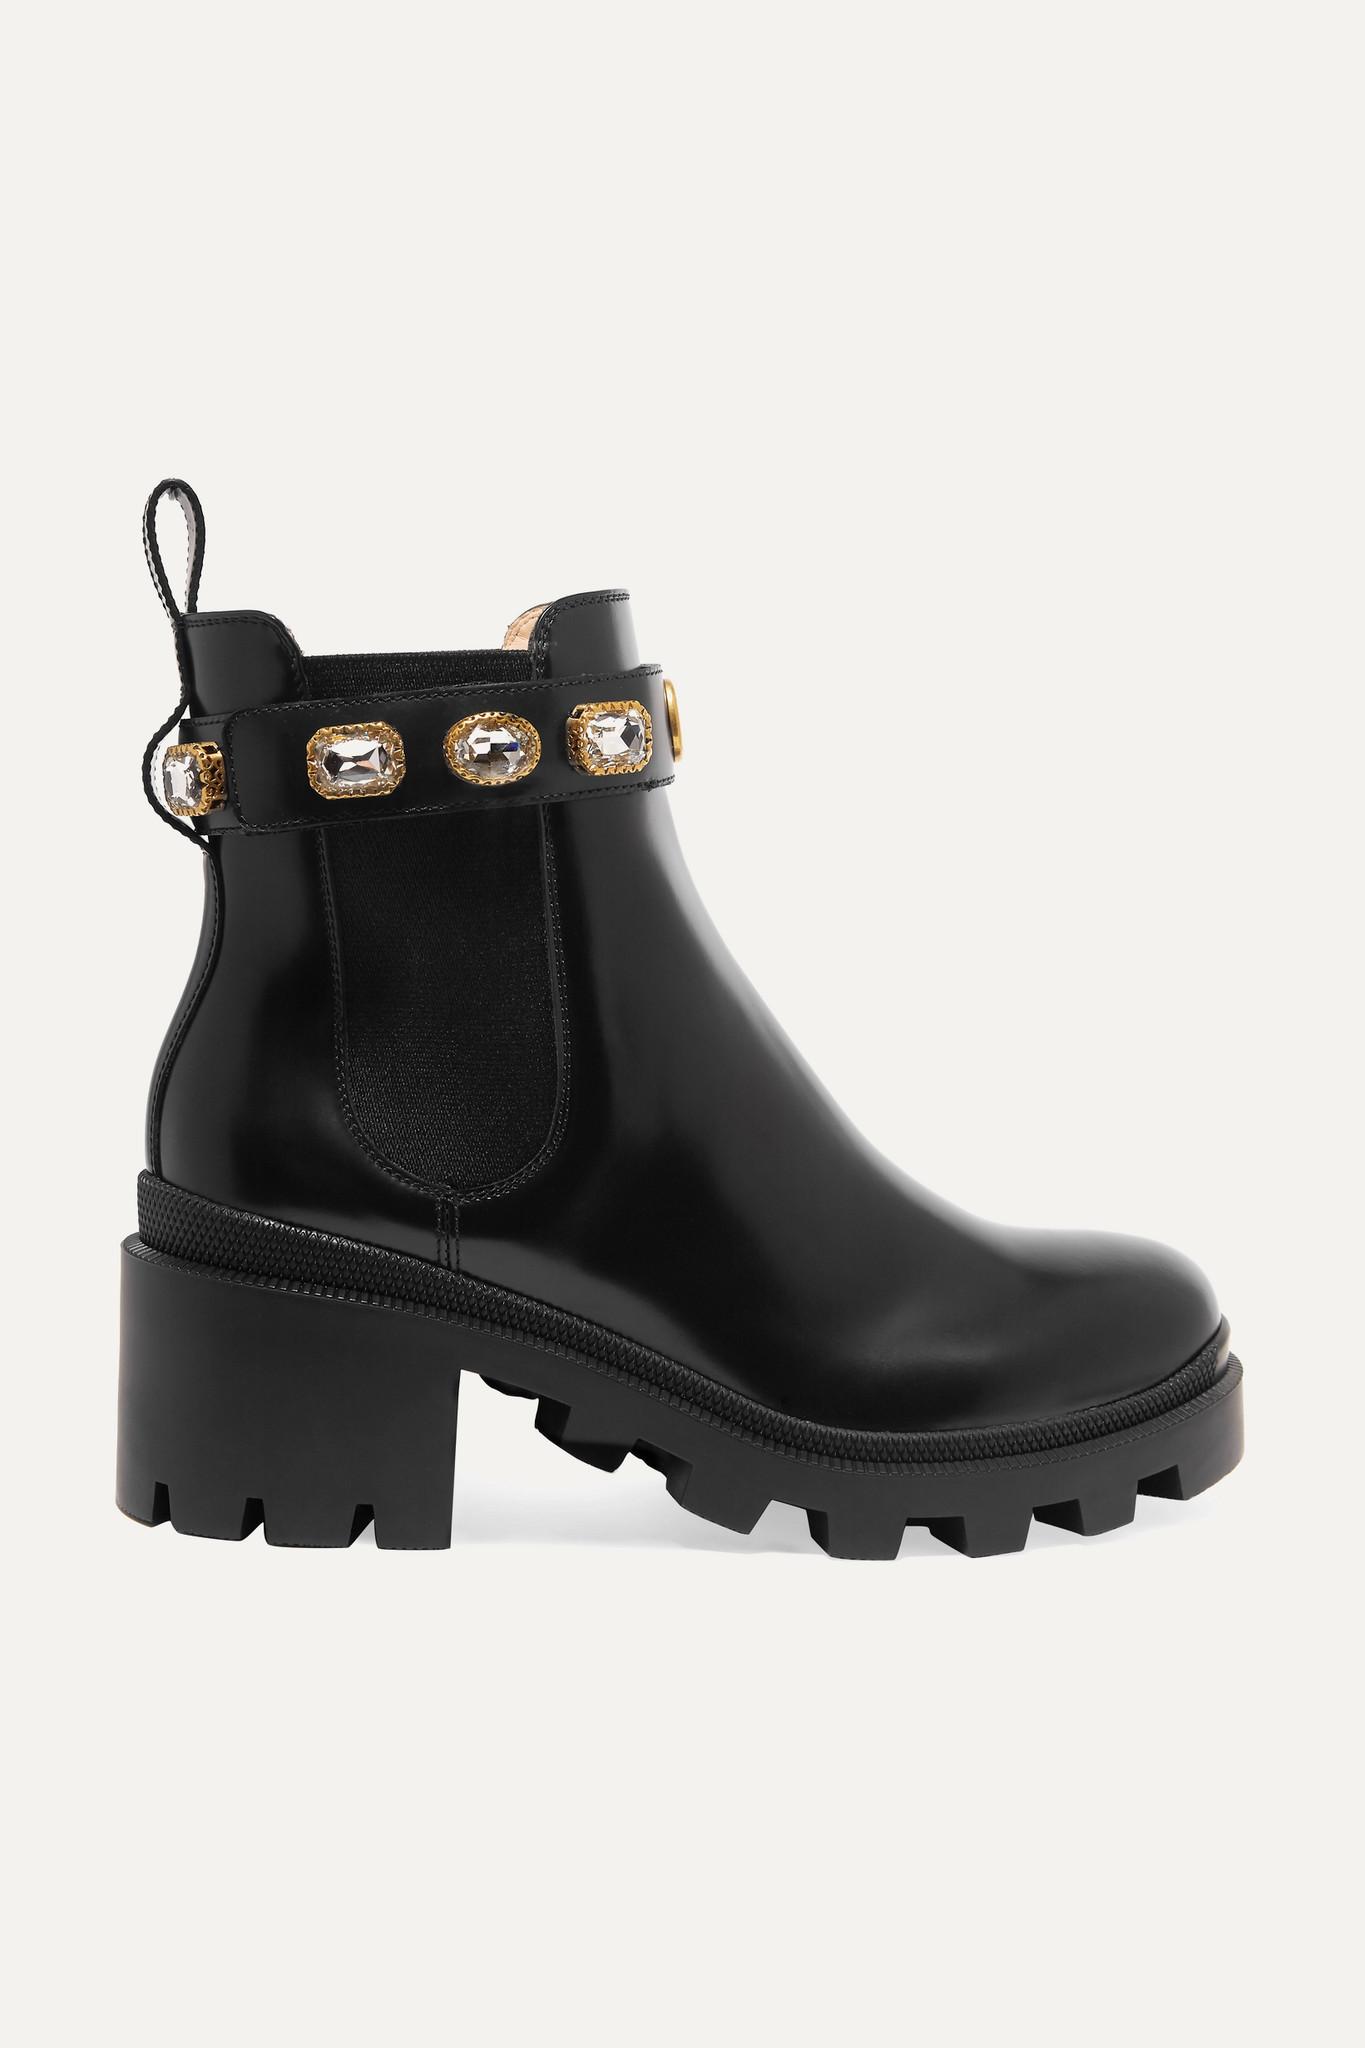 GUCCI - 水晶缀饰皮革切尔西靴 - 黑色 - IT35.5